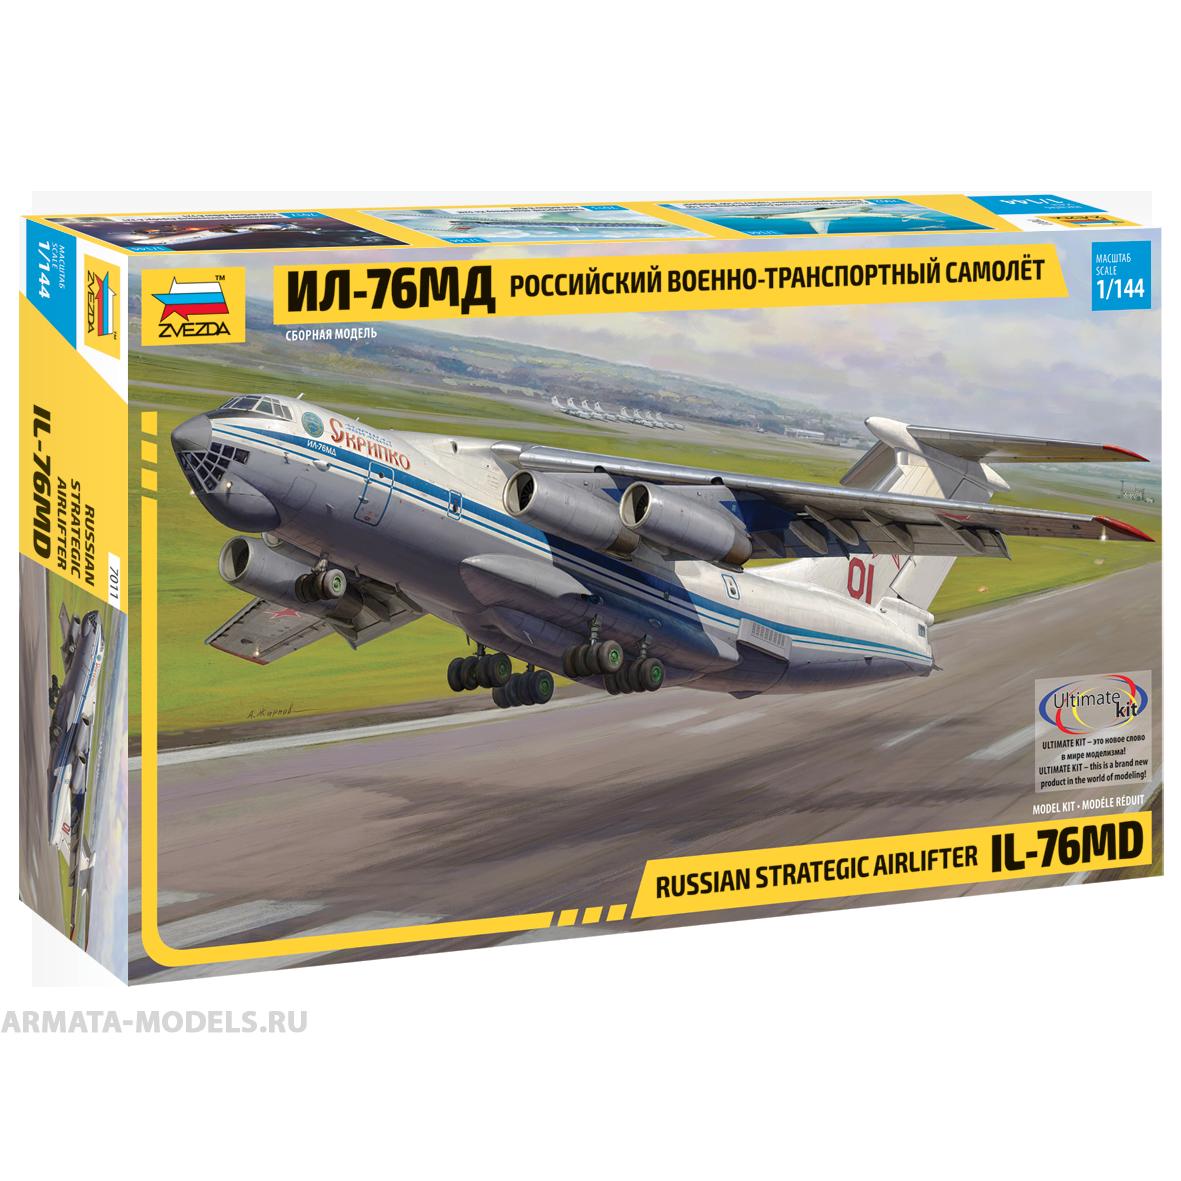 Сборная модель – Российский военно-транспортный самолёт Ил-76МДМодели самолетов для склеивания<br>Сборная модель – Российский военно-транспортный самолёт Ил-76МД<br>